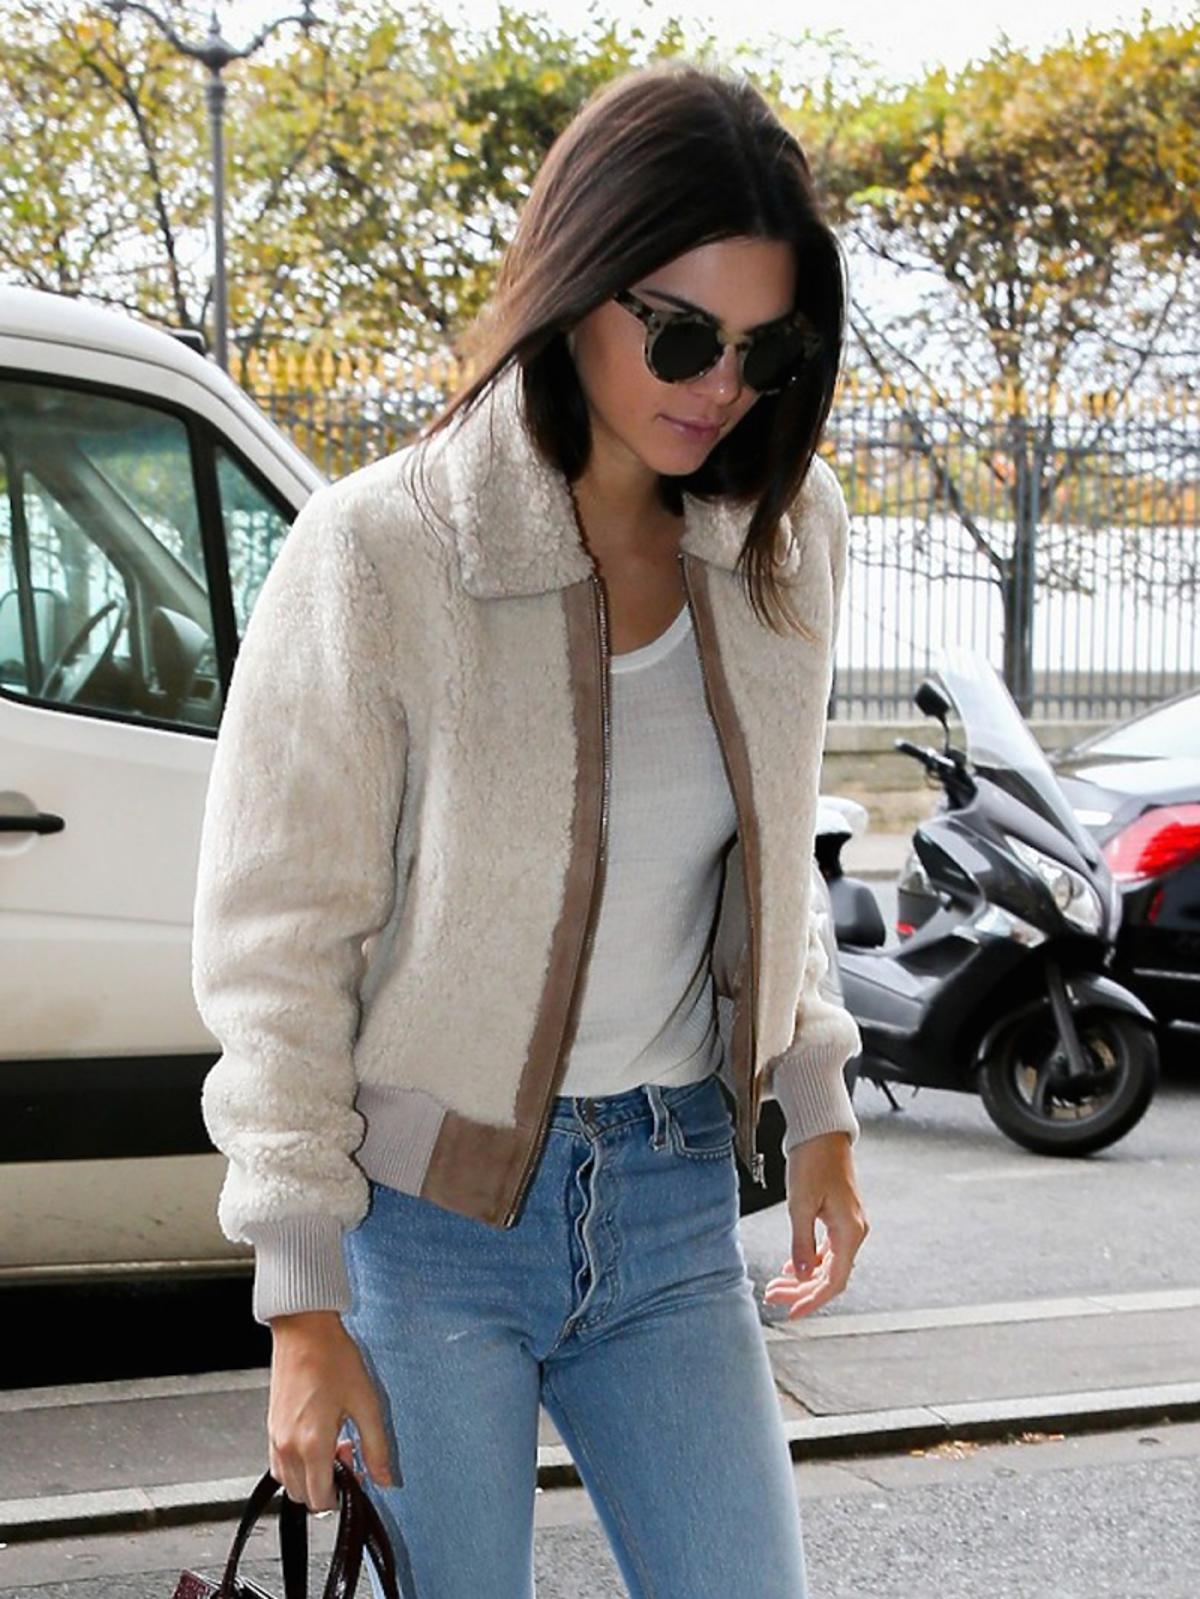 Kendall Jenner w dżinsach, białym topie, kożuszku krótkim, beżowych butach z gwiazdkami na drewniamym koturnie, okularach, brązowej torebie do ręki